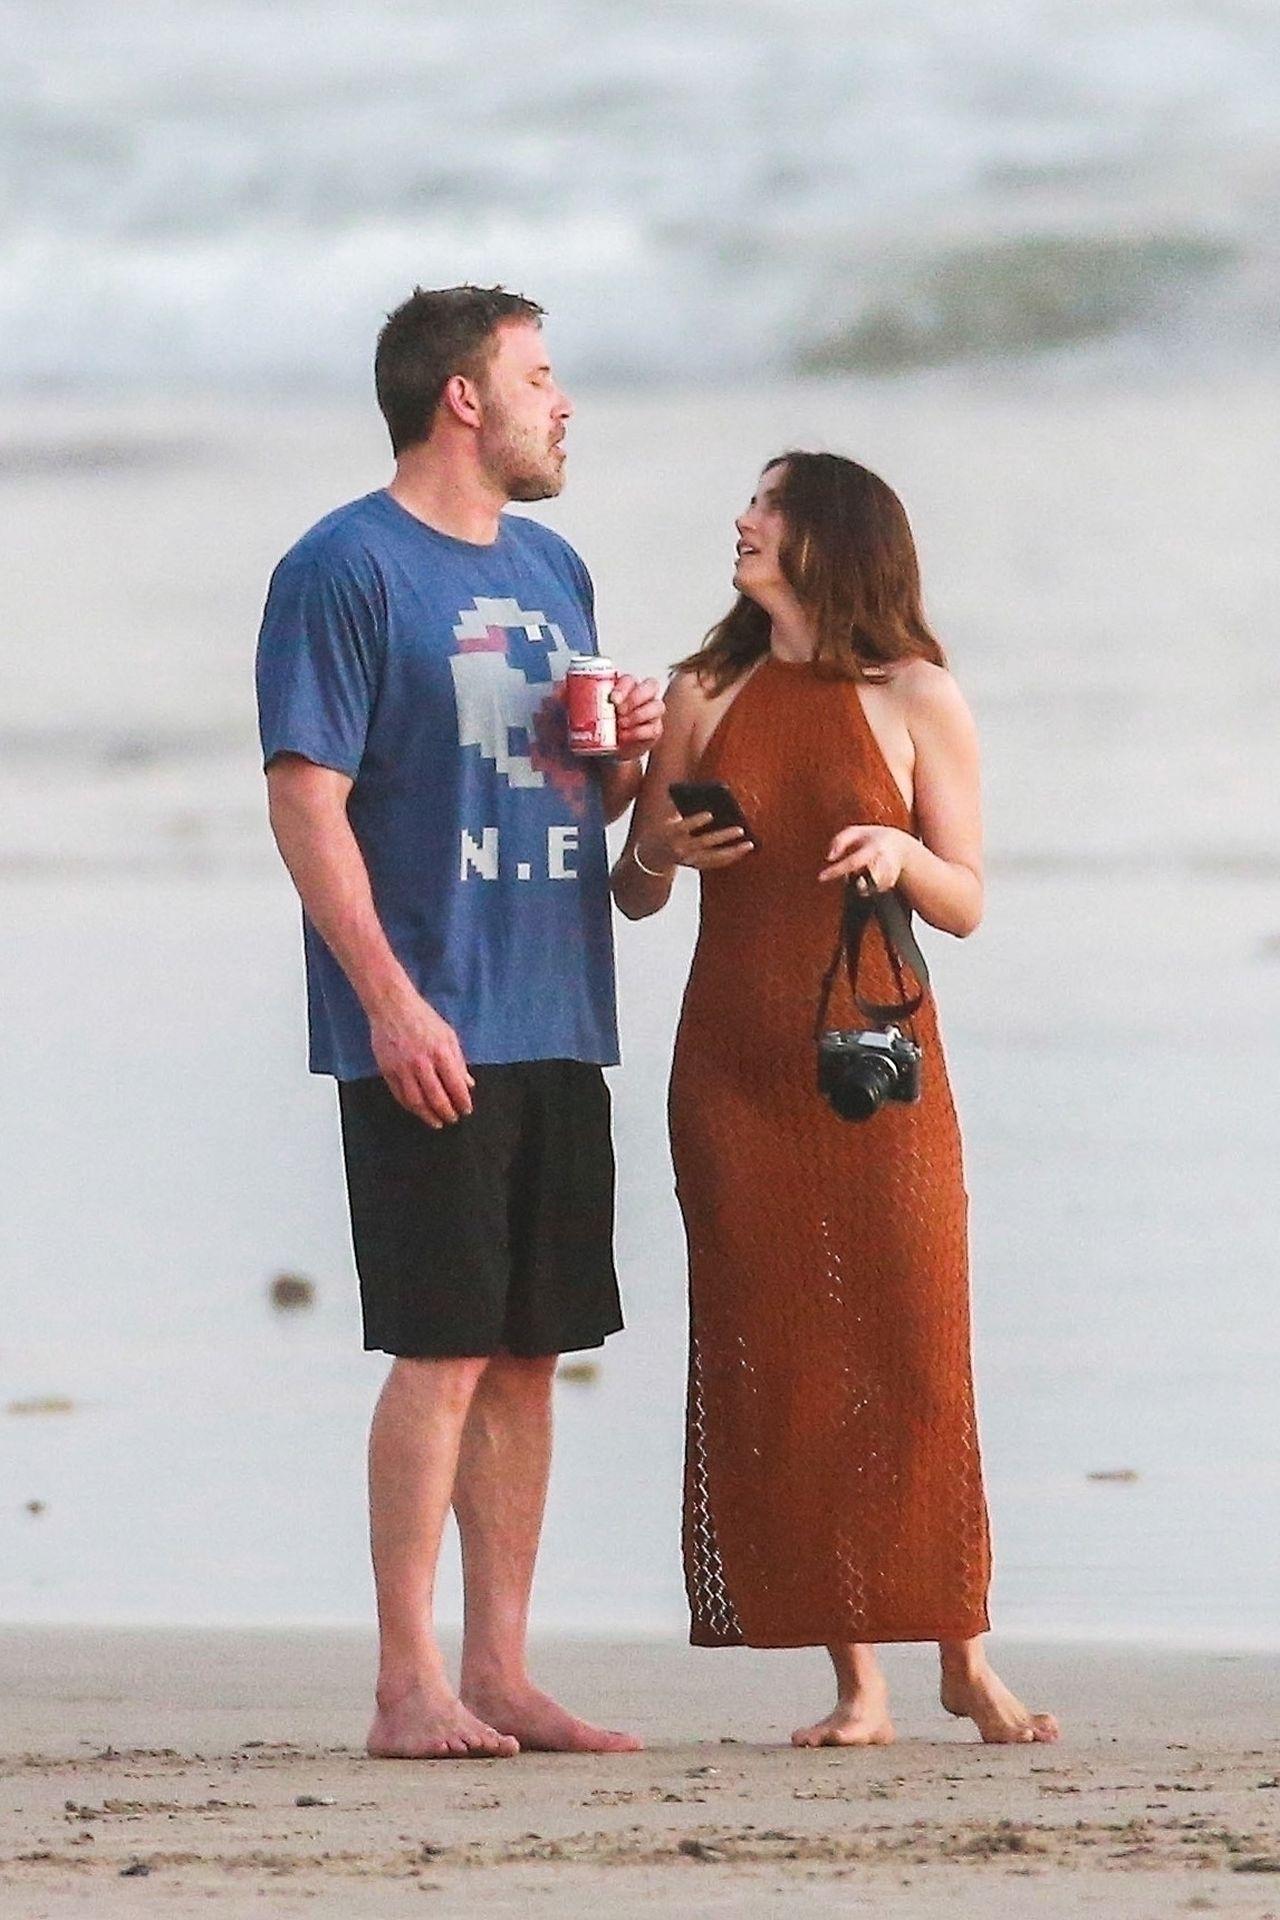 Ben Affleck & Ana De Armas Enjoy A Pda Moment During Romantic Beach Stroll In Costa Rica 0018